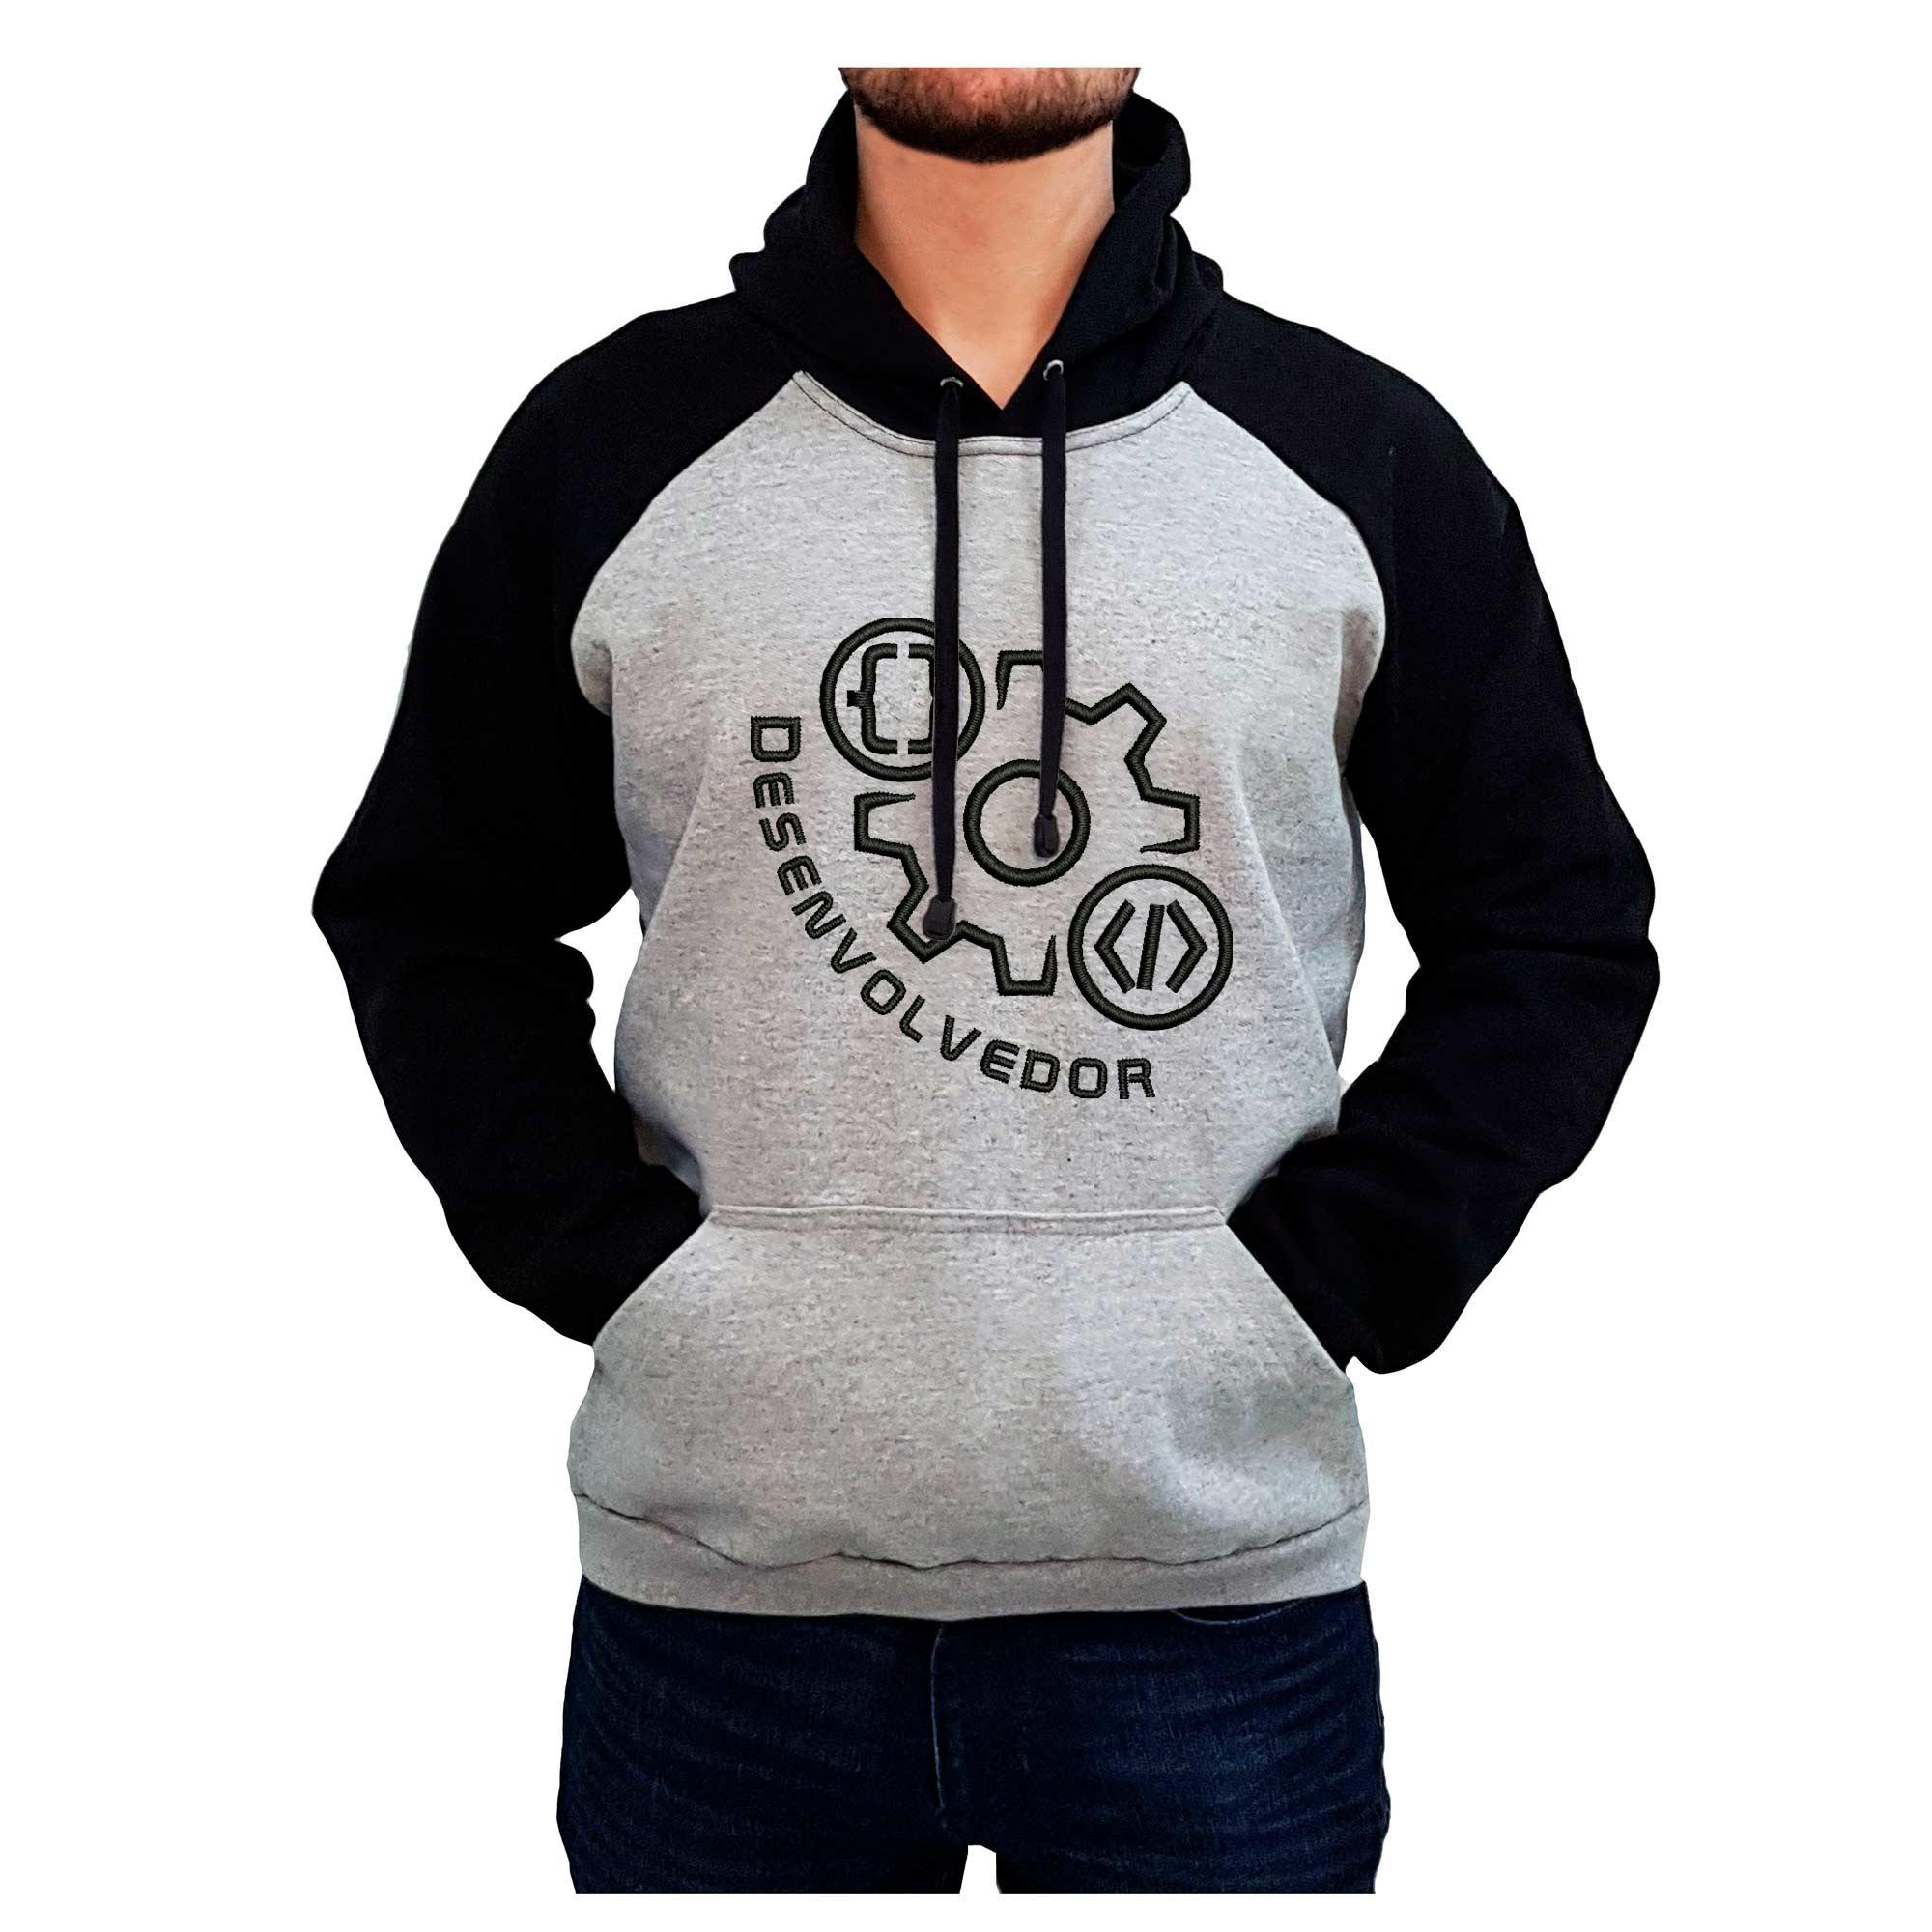 Moletom Bordado Masculino Simbolo Logo Desenvolvedor Programador  - Talysmã Bordados